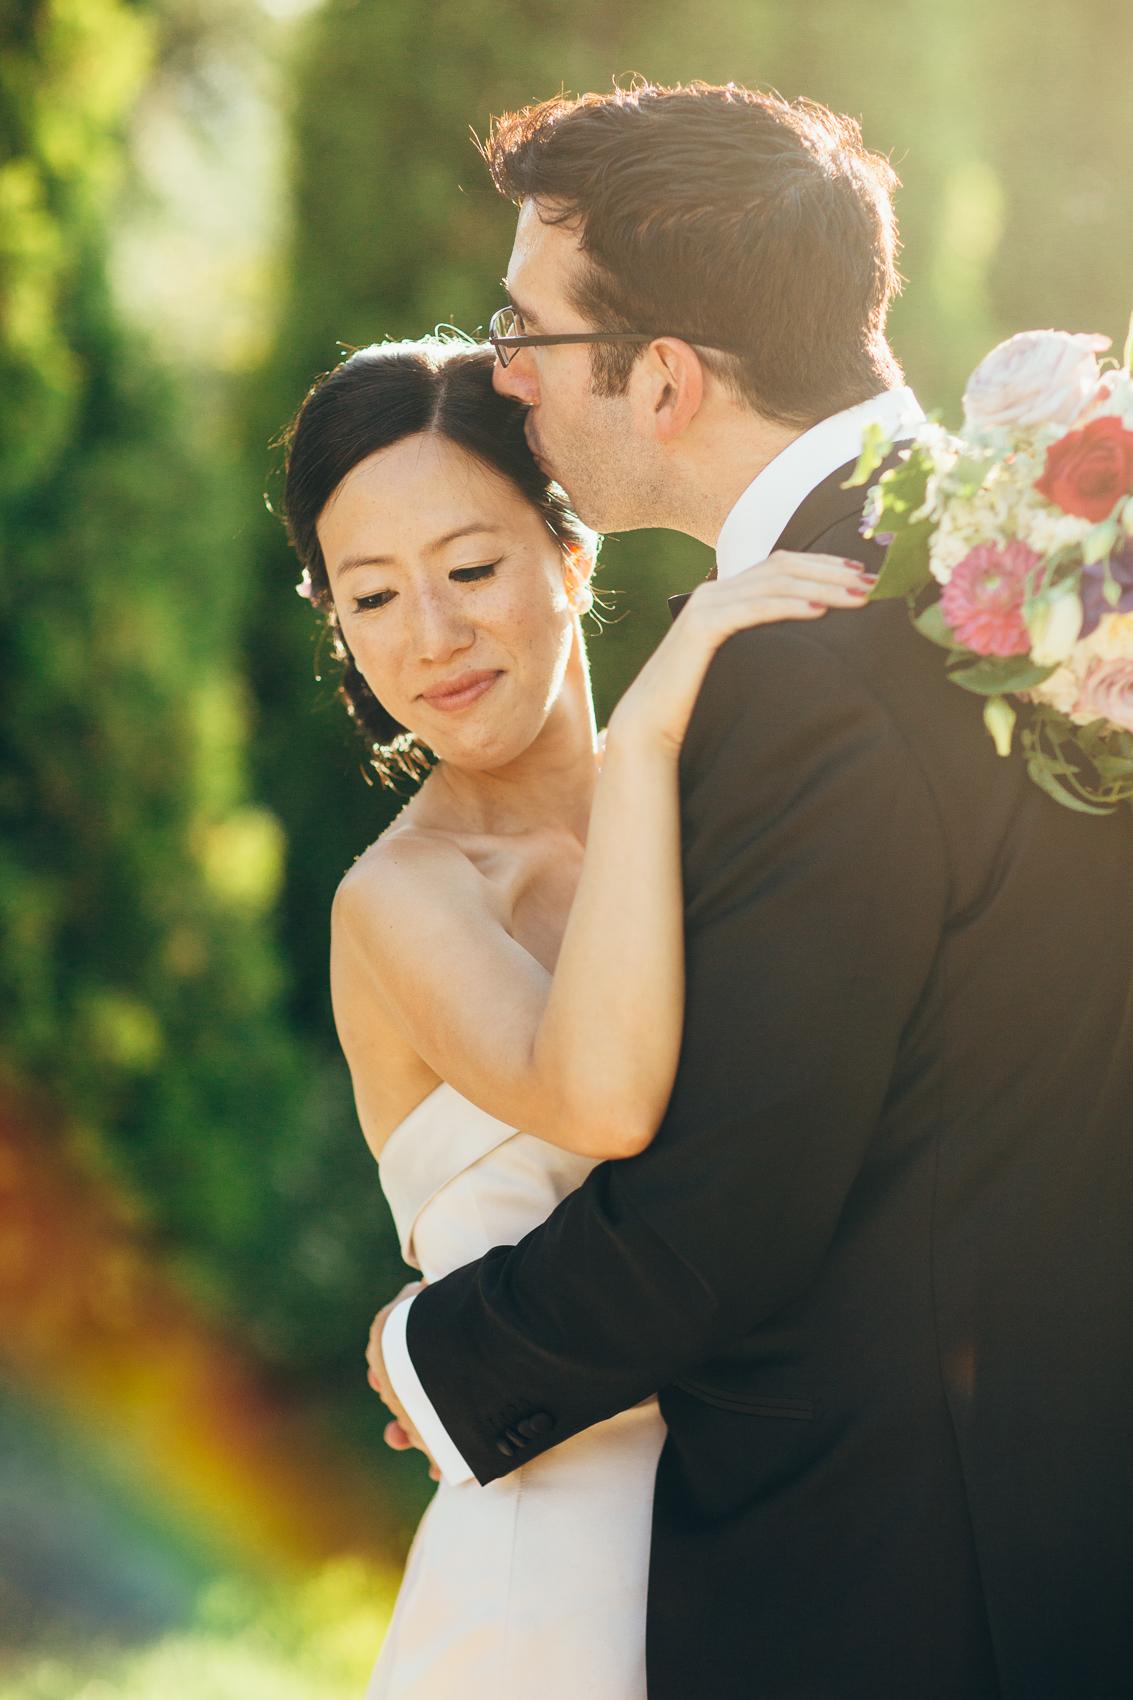 weddings-fth-25.jpg